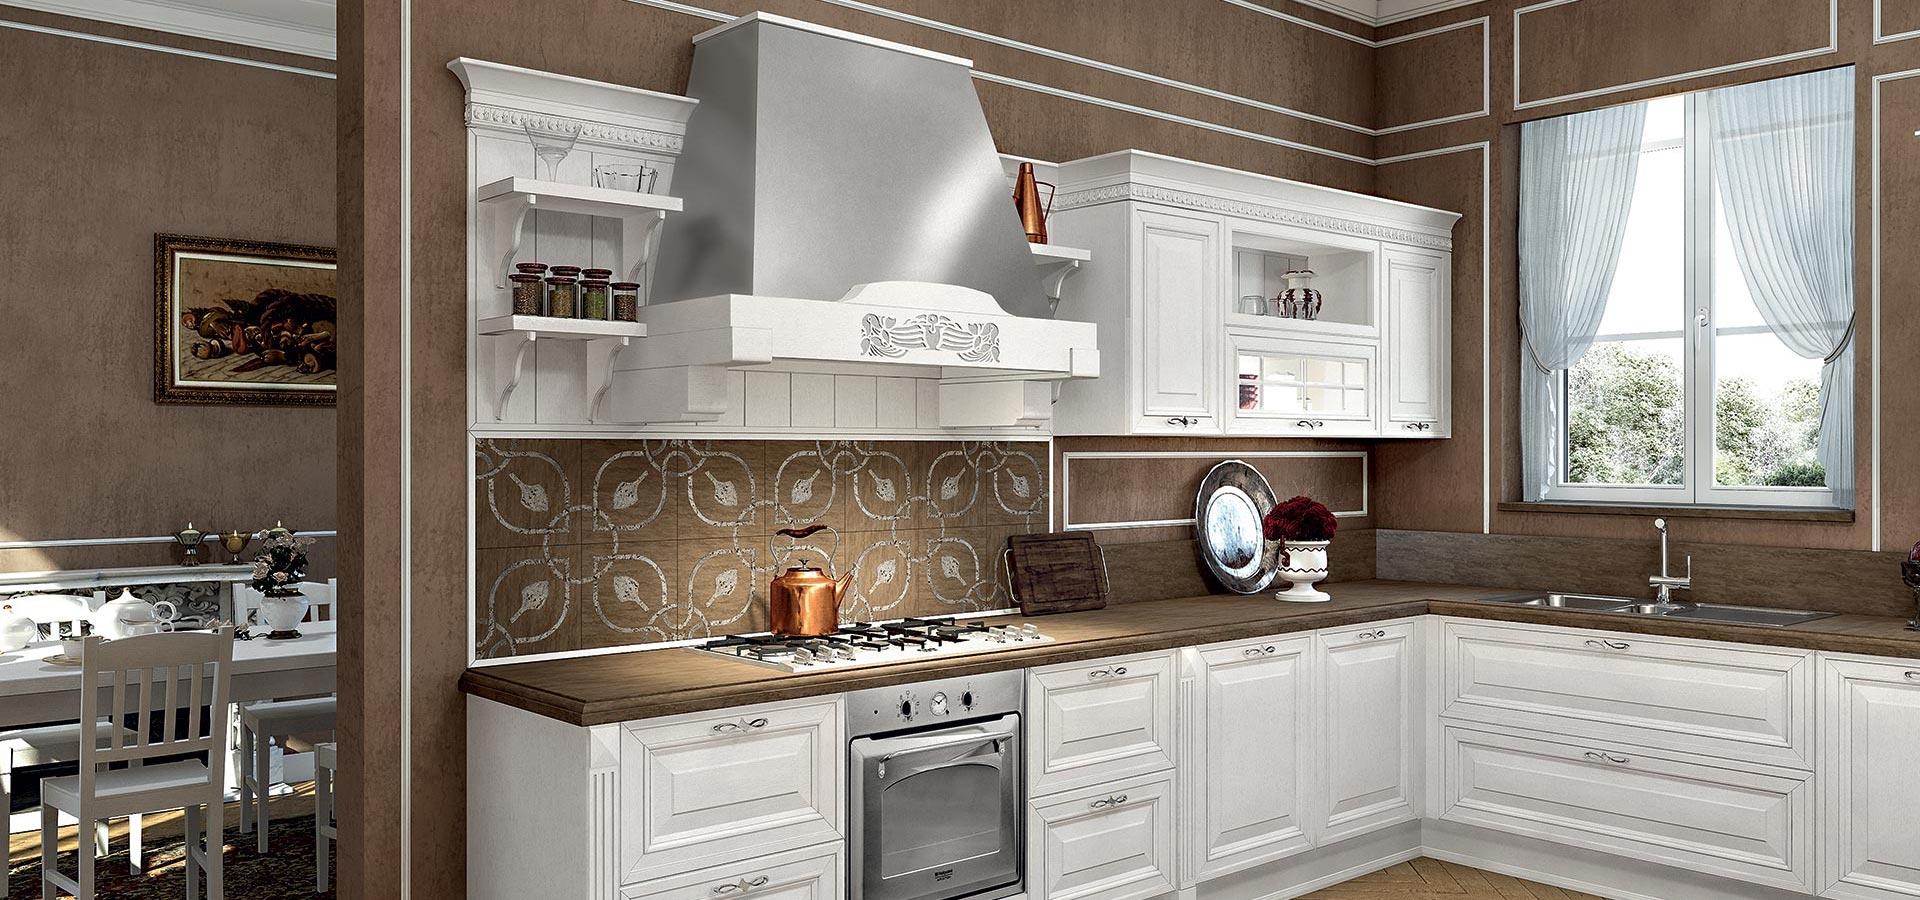 Arredo 3 cucine modello viktoria provenzale legno cucine for Cucine arredo tre